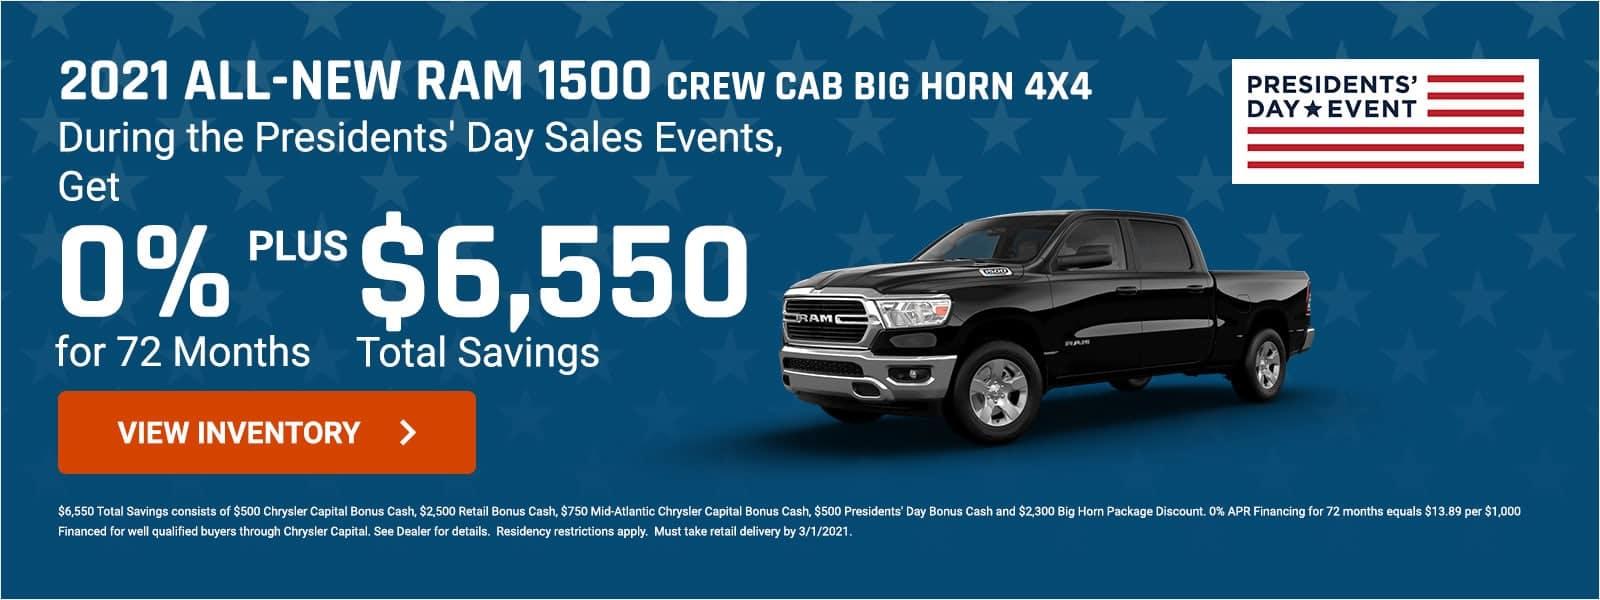 2021 Ram 1500 Big Horn offer